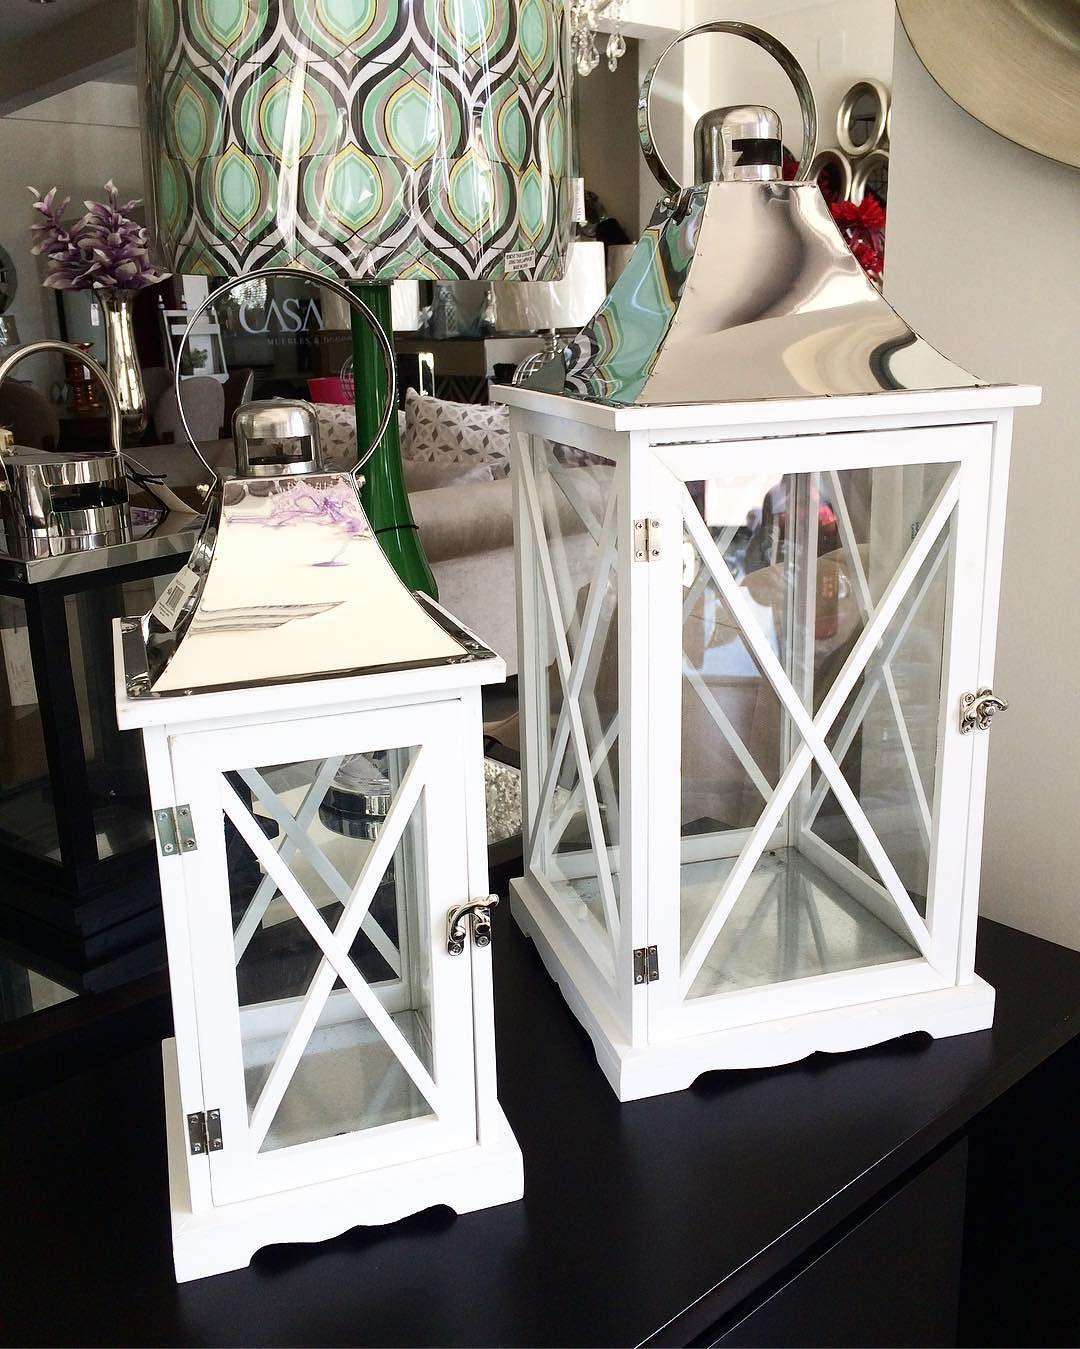 Accesorios que te ayudan a decorar tu hogar 19 for Accesorios para decoracion de interiores